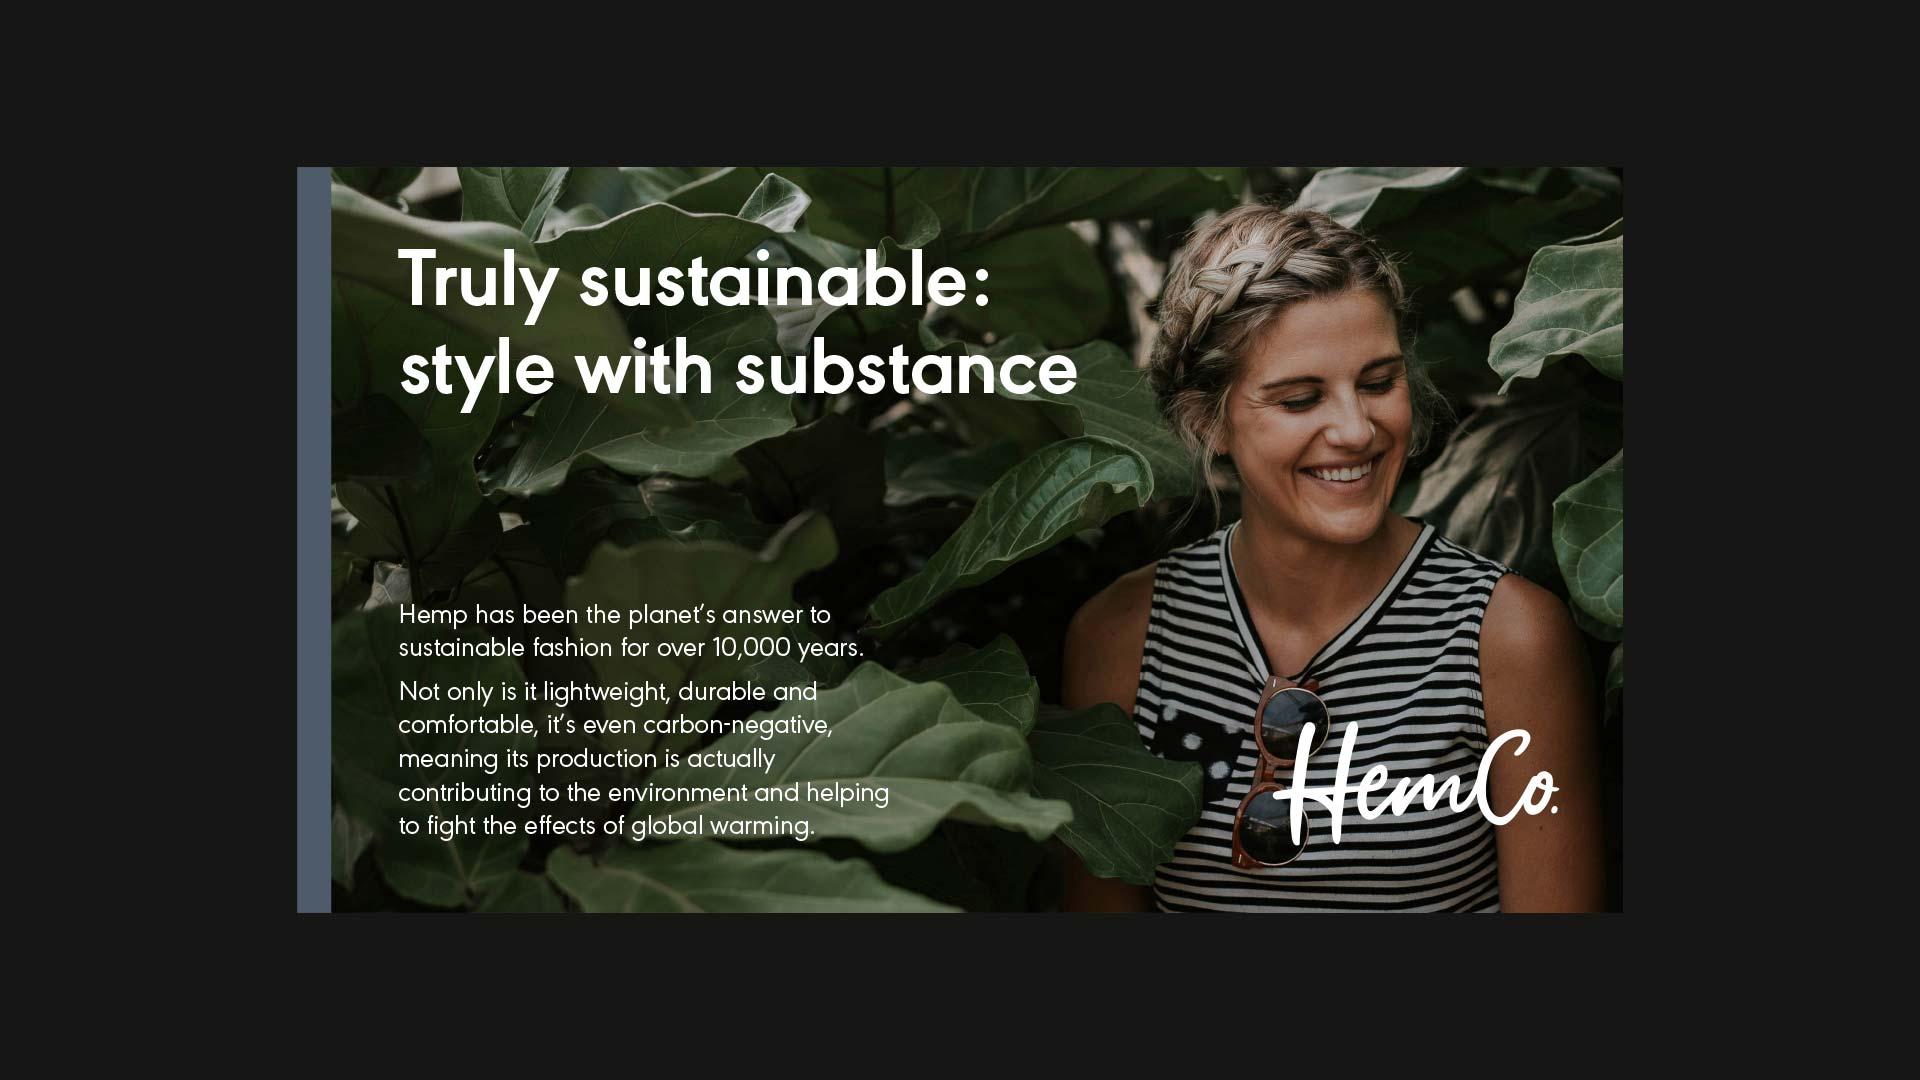 Hemco-5